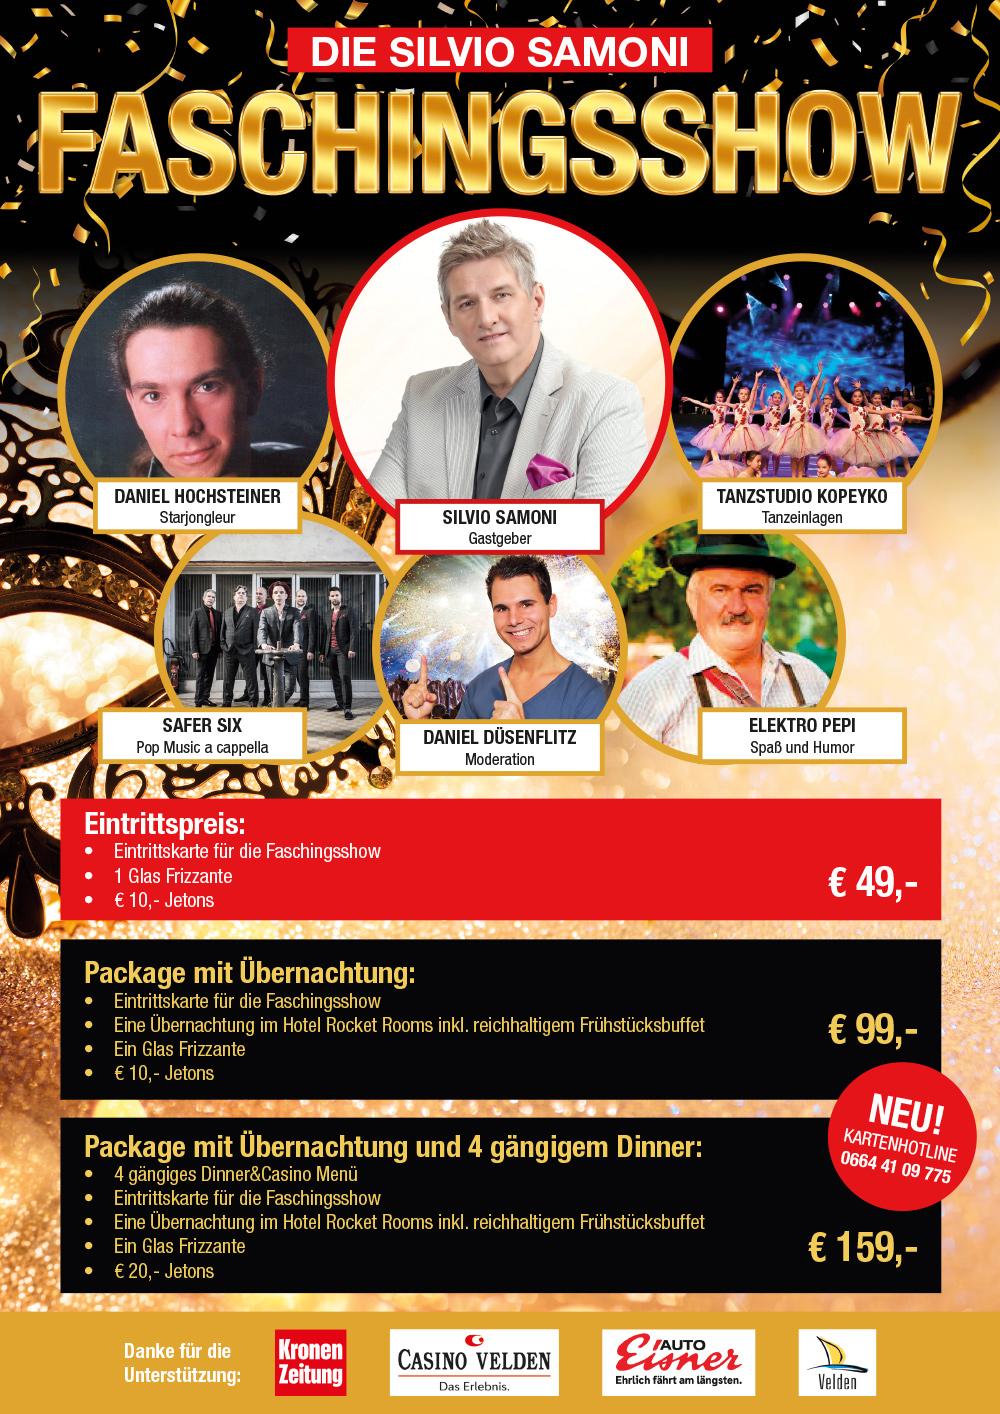 Die Silvio Samoni Faschingsshow Im Casino Velden Am Wörthersee Am Samstag, Den 15.02.2020 Beginn 19:30 Uhr